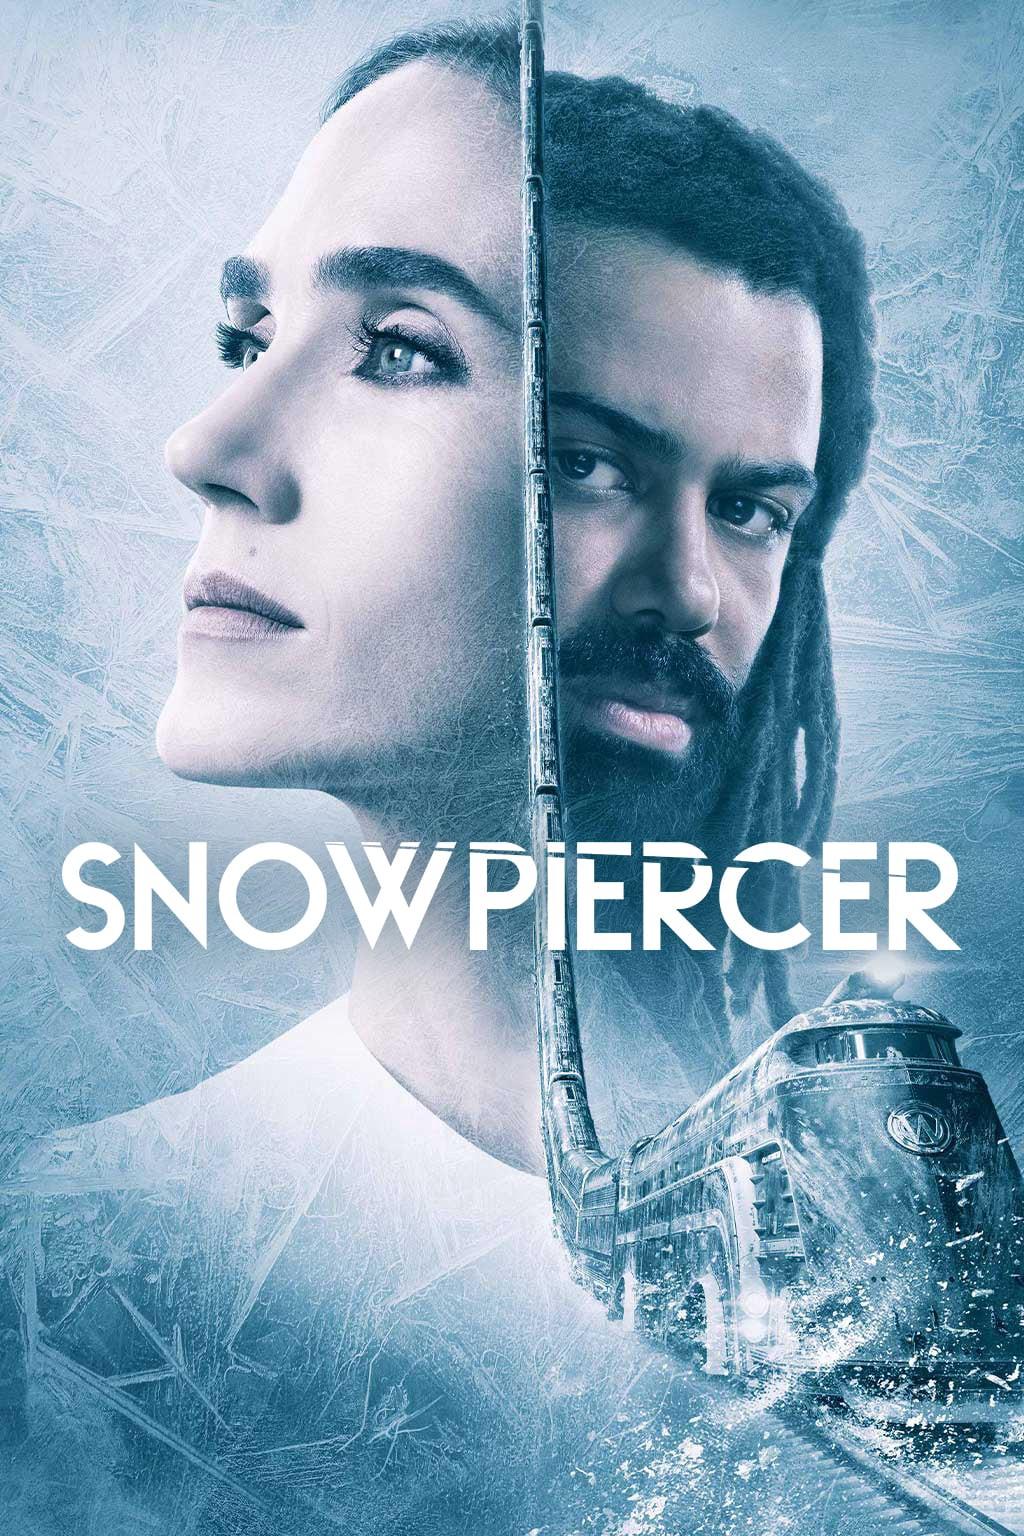 segunda temporada de Snowpiercer já estava confirmada pela TNT